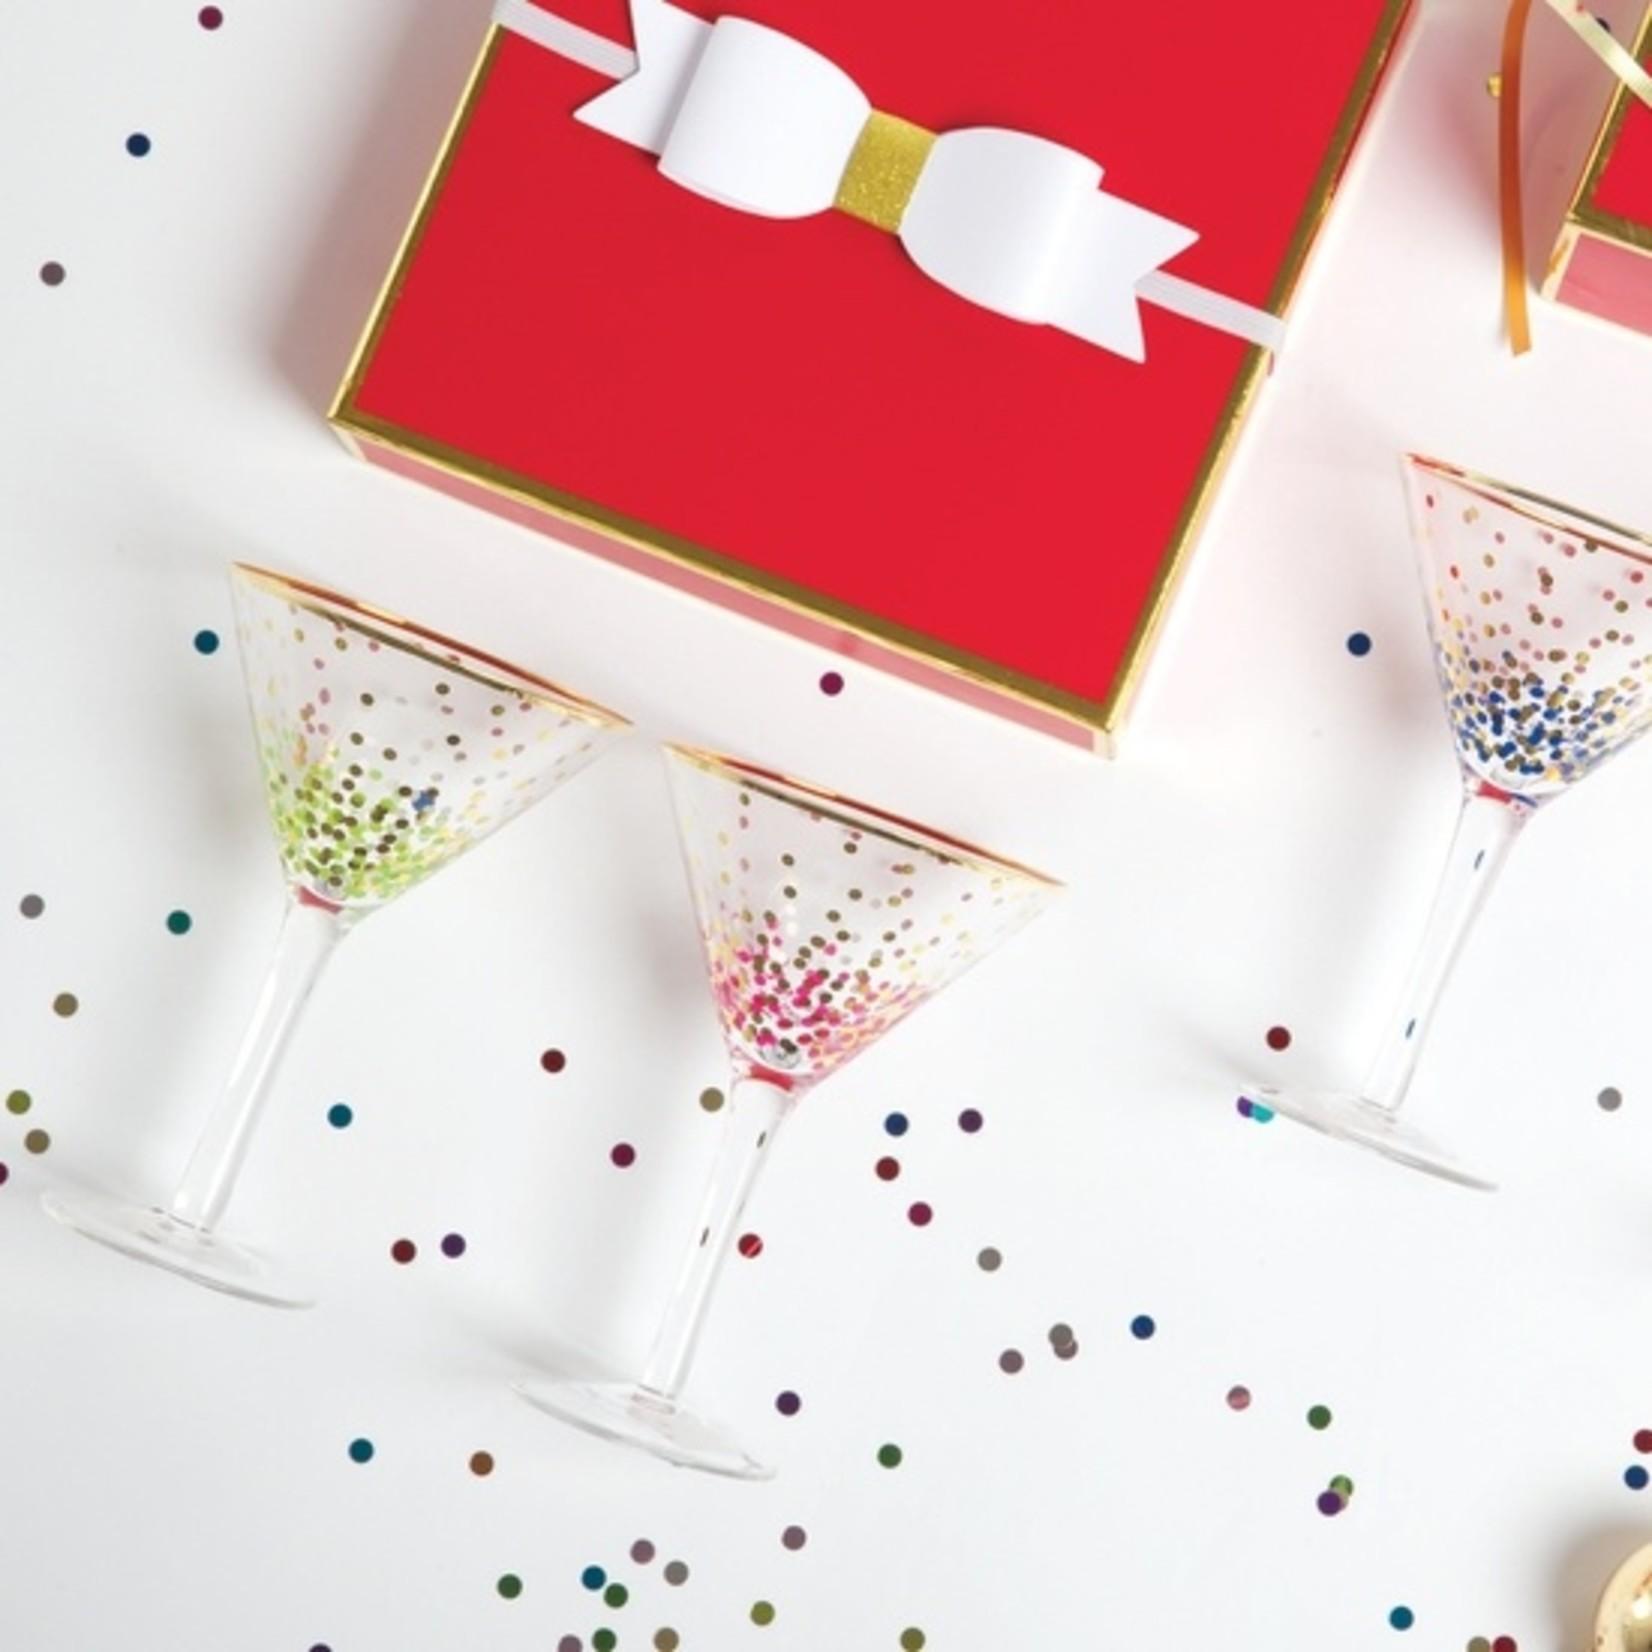 8 Oak Lane Martini Glass - Green Confetti